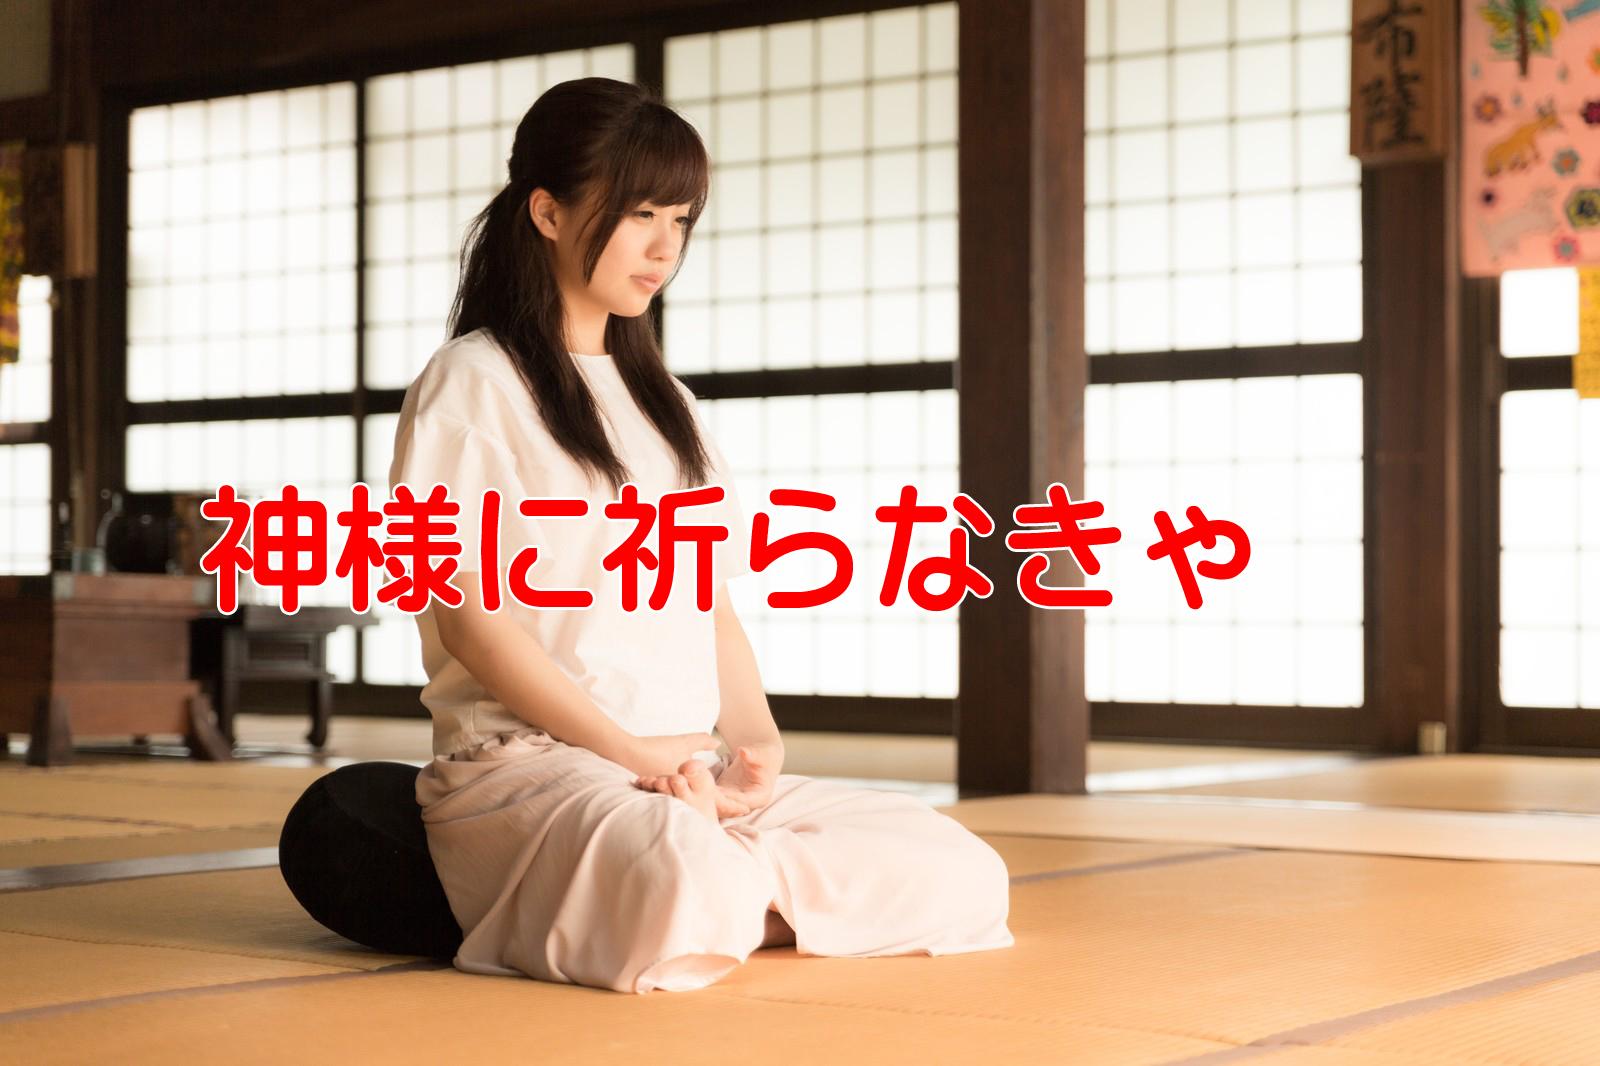 残業削減!日本の労働時間が減らないのはお客様が神様だから